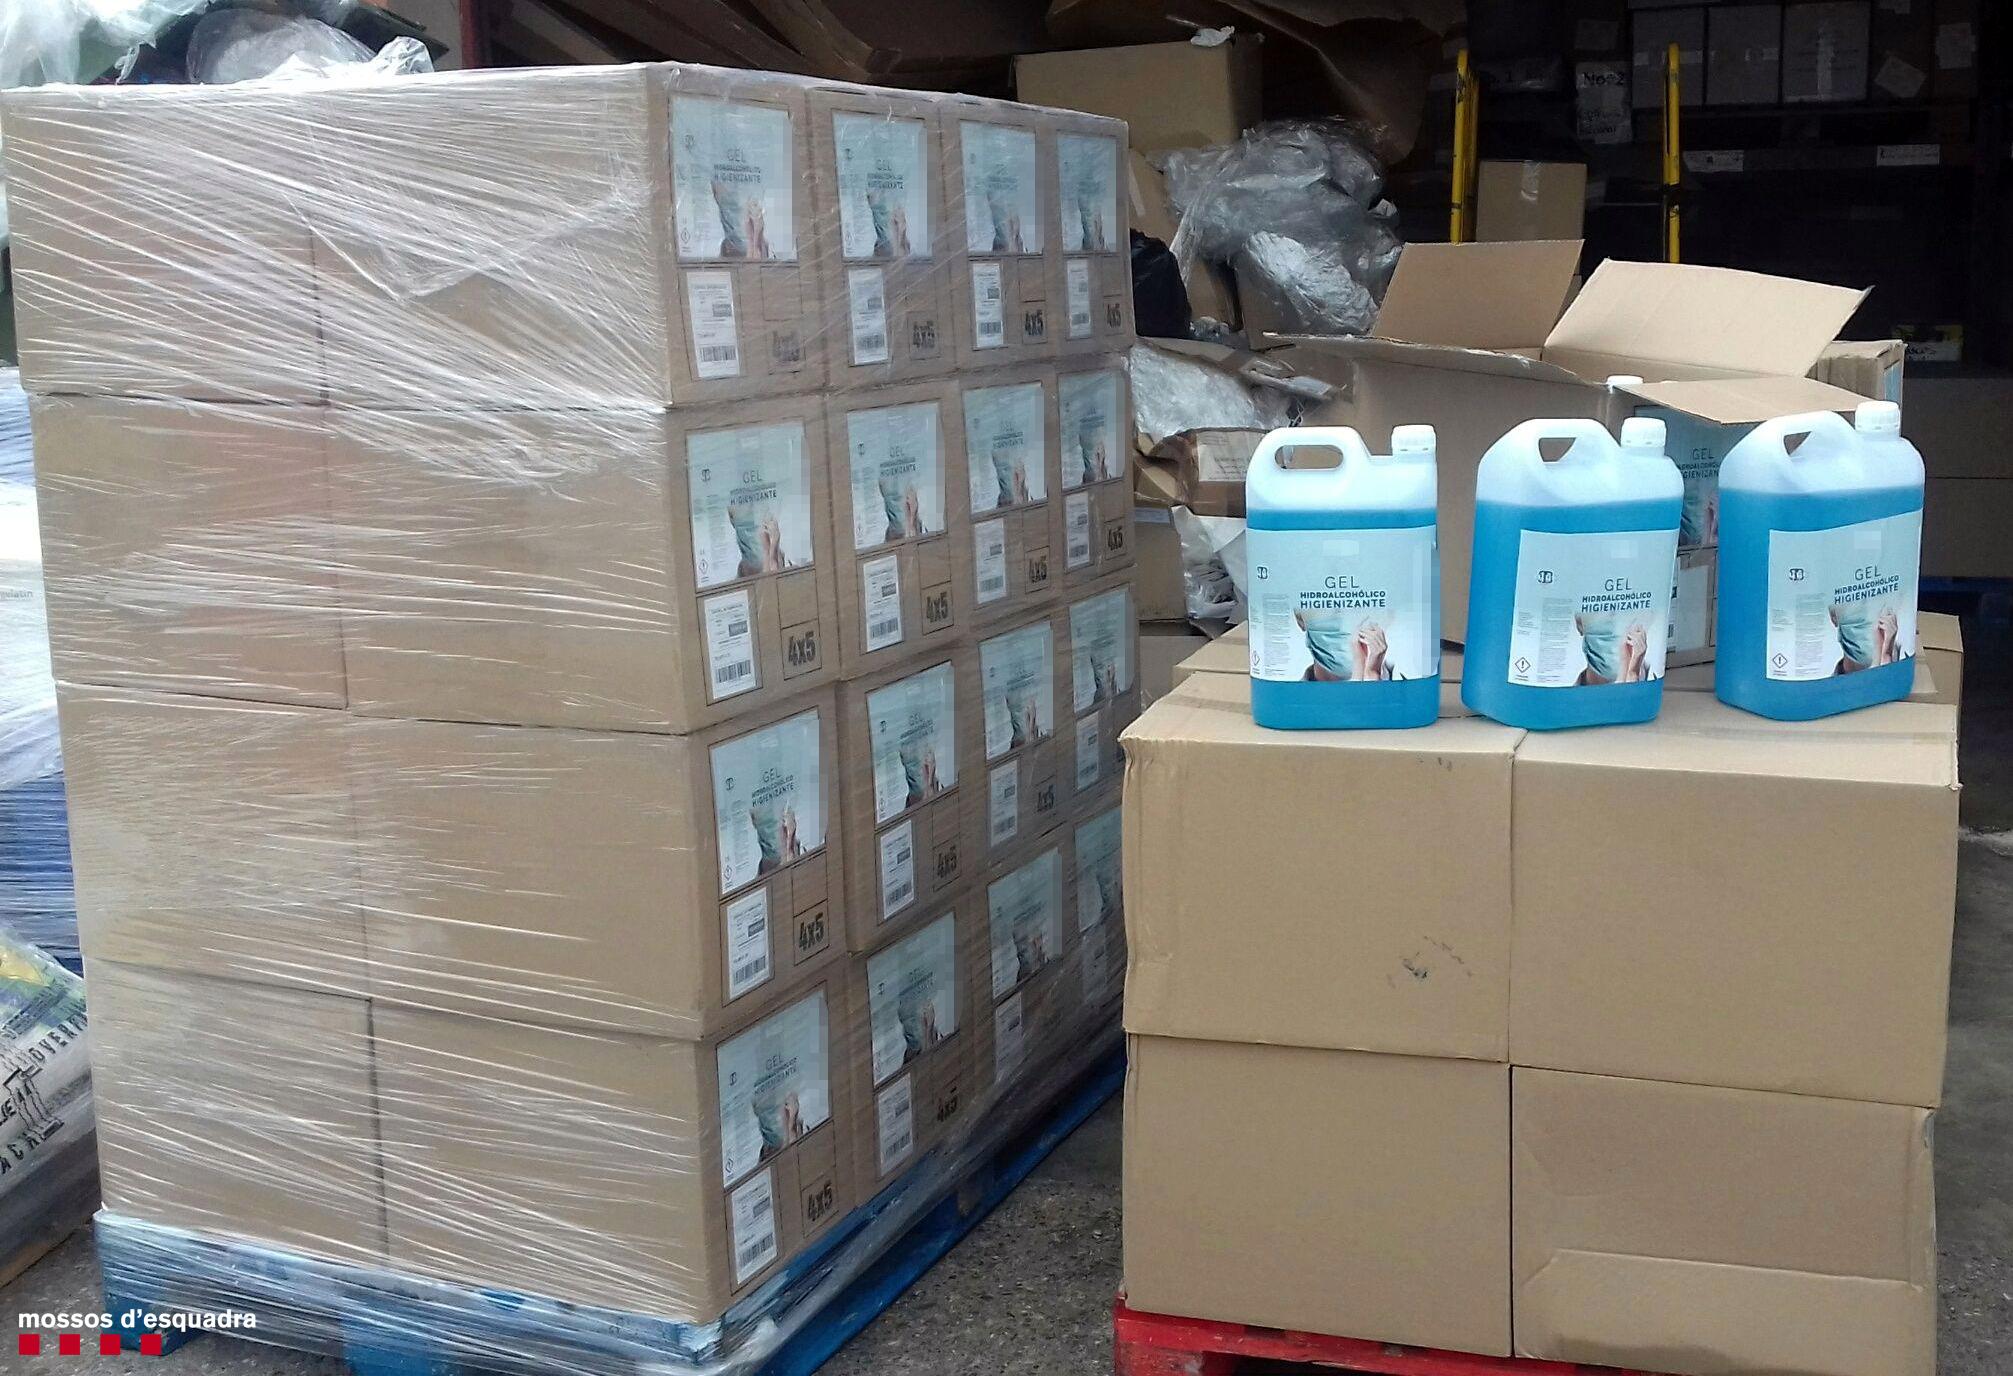 Els Mossos d'Esquadra immobilitzen més de 1.600 litres d'un fals gel hidroalcohòlic higienitzant